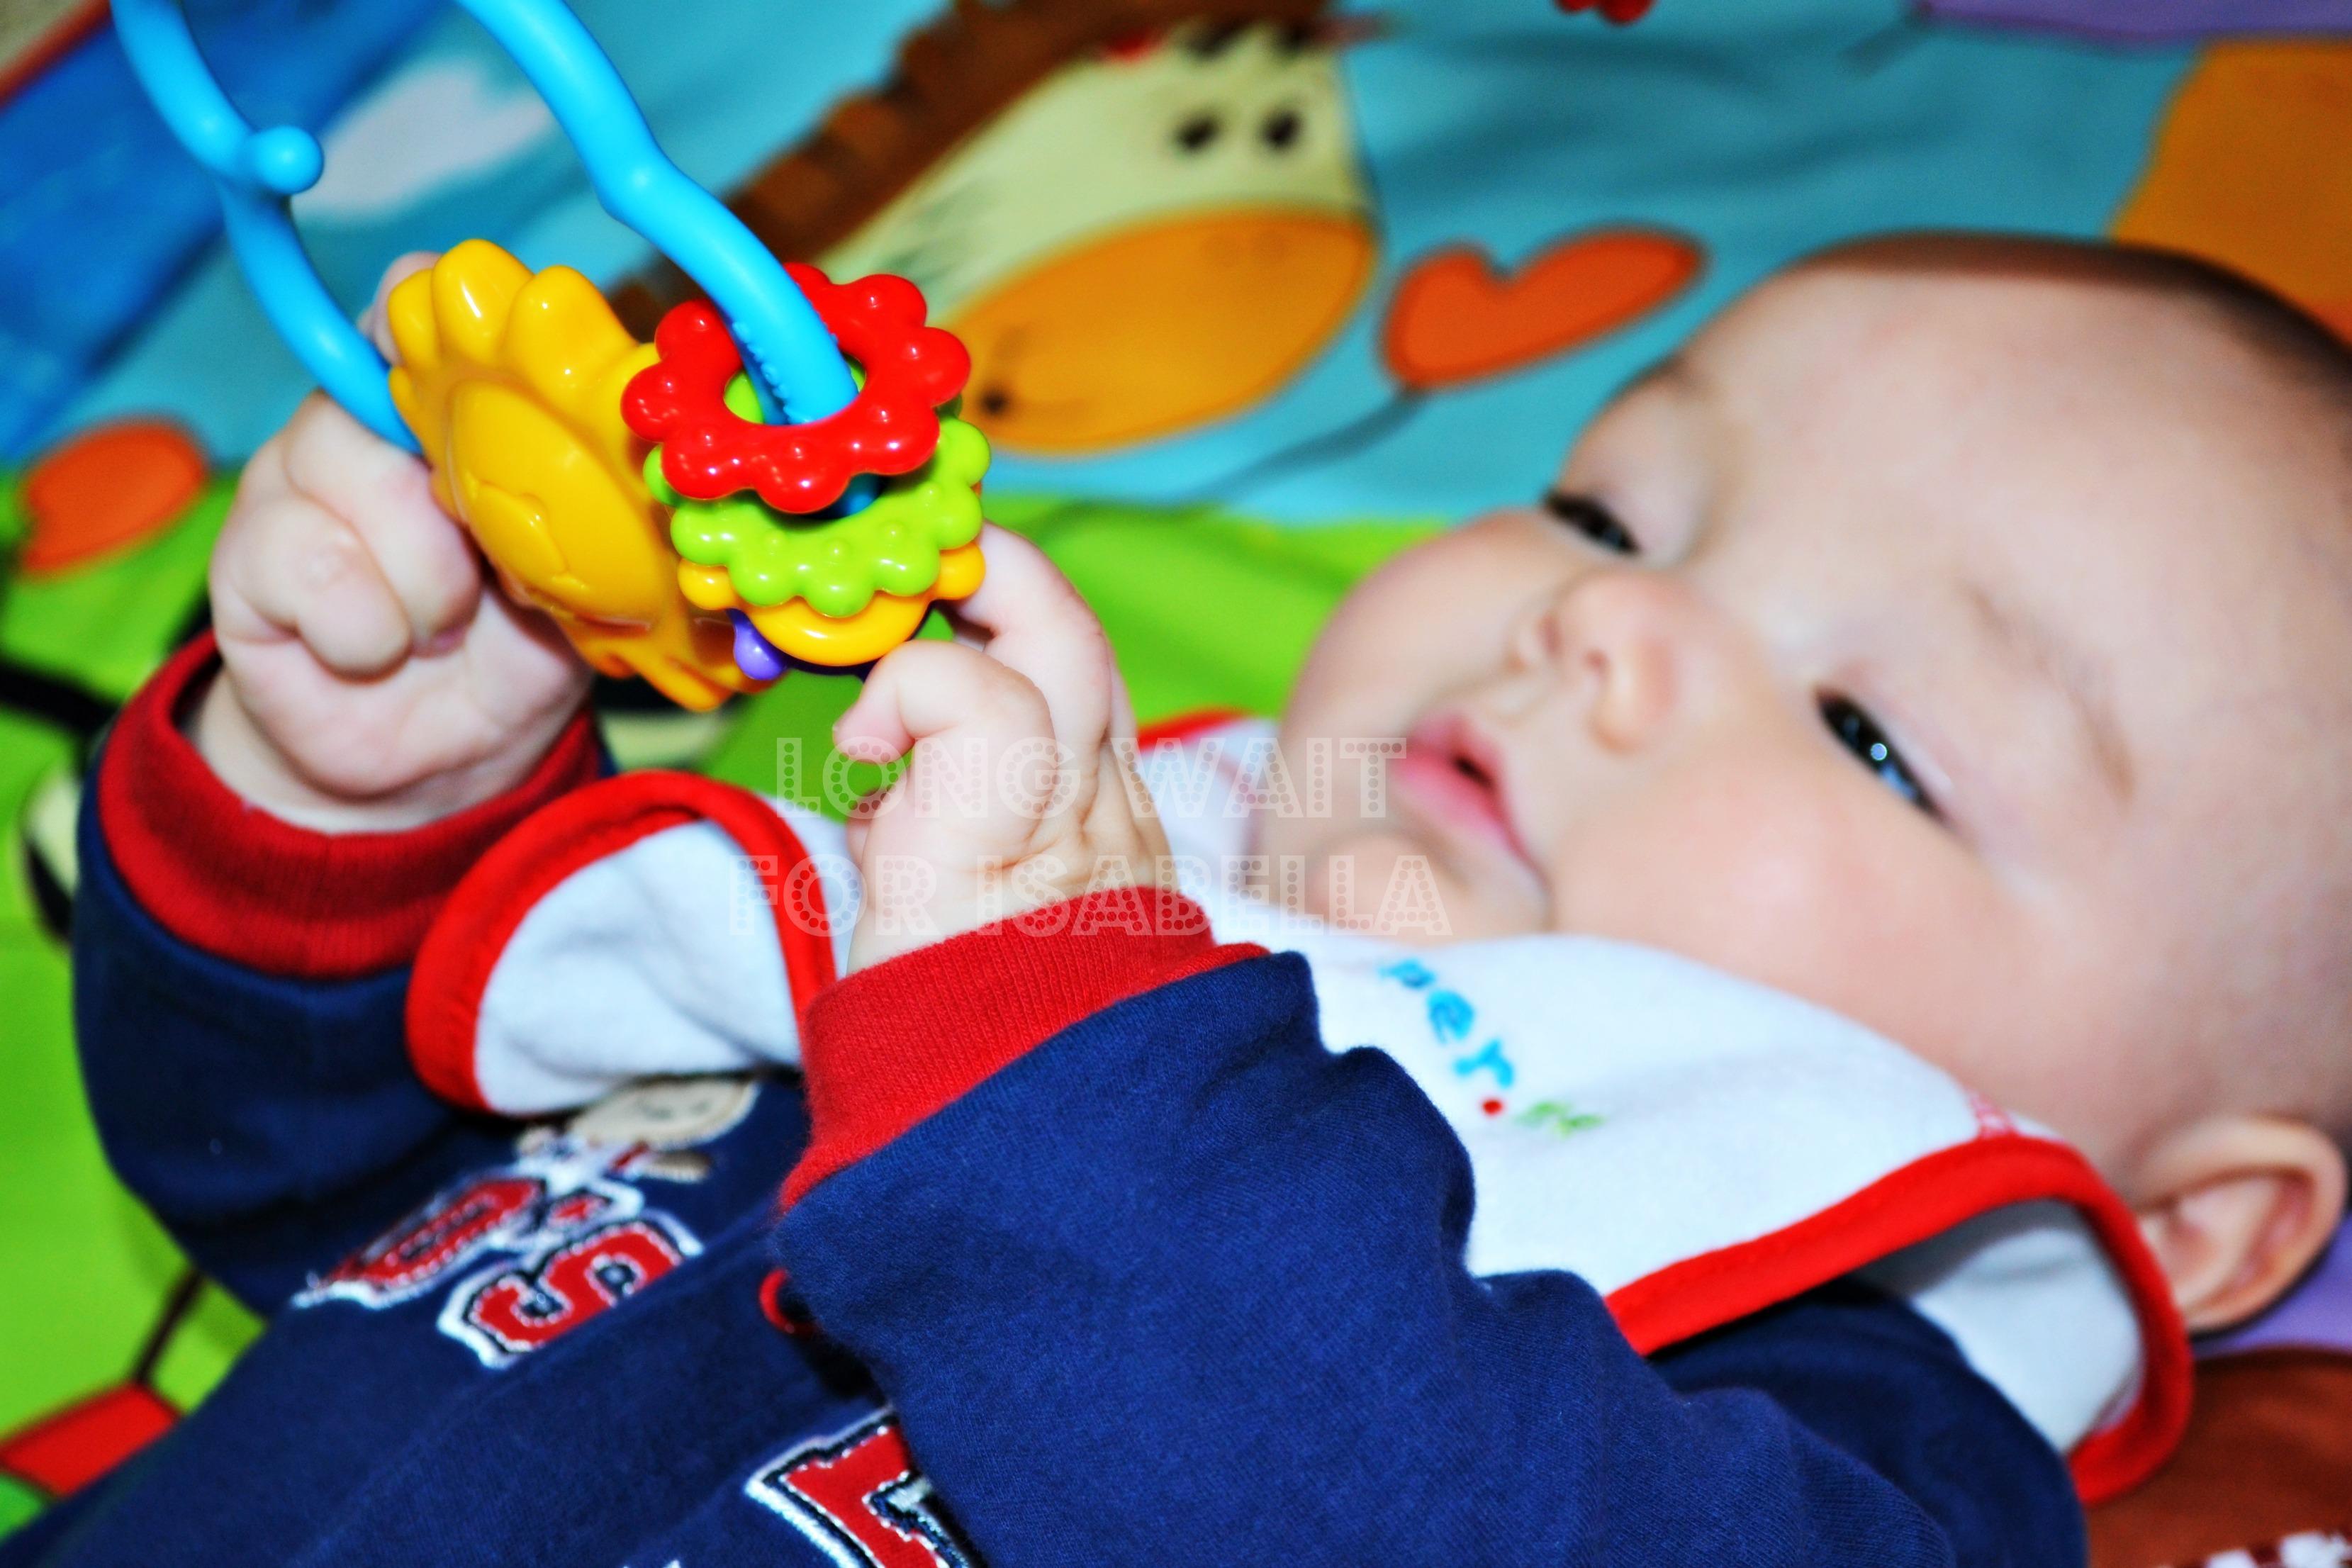 Le bébé saisit des jouets Attendez longtemps pour Isabella